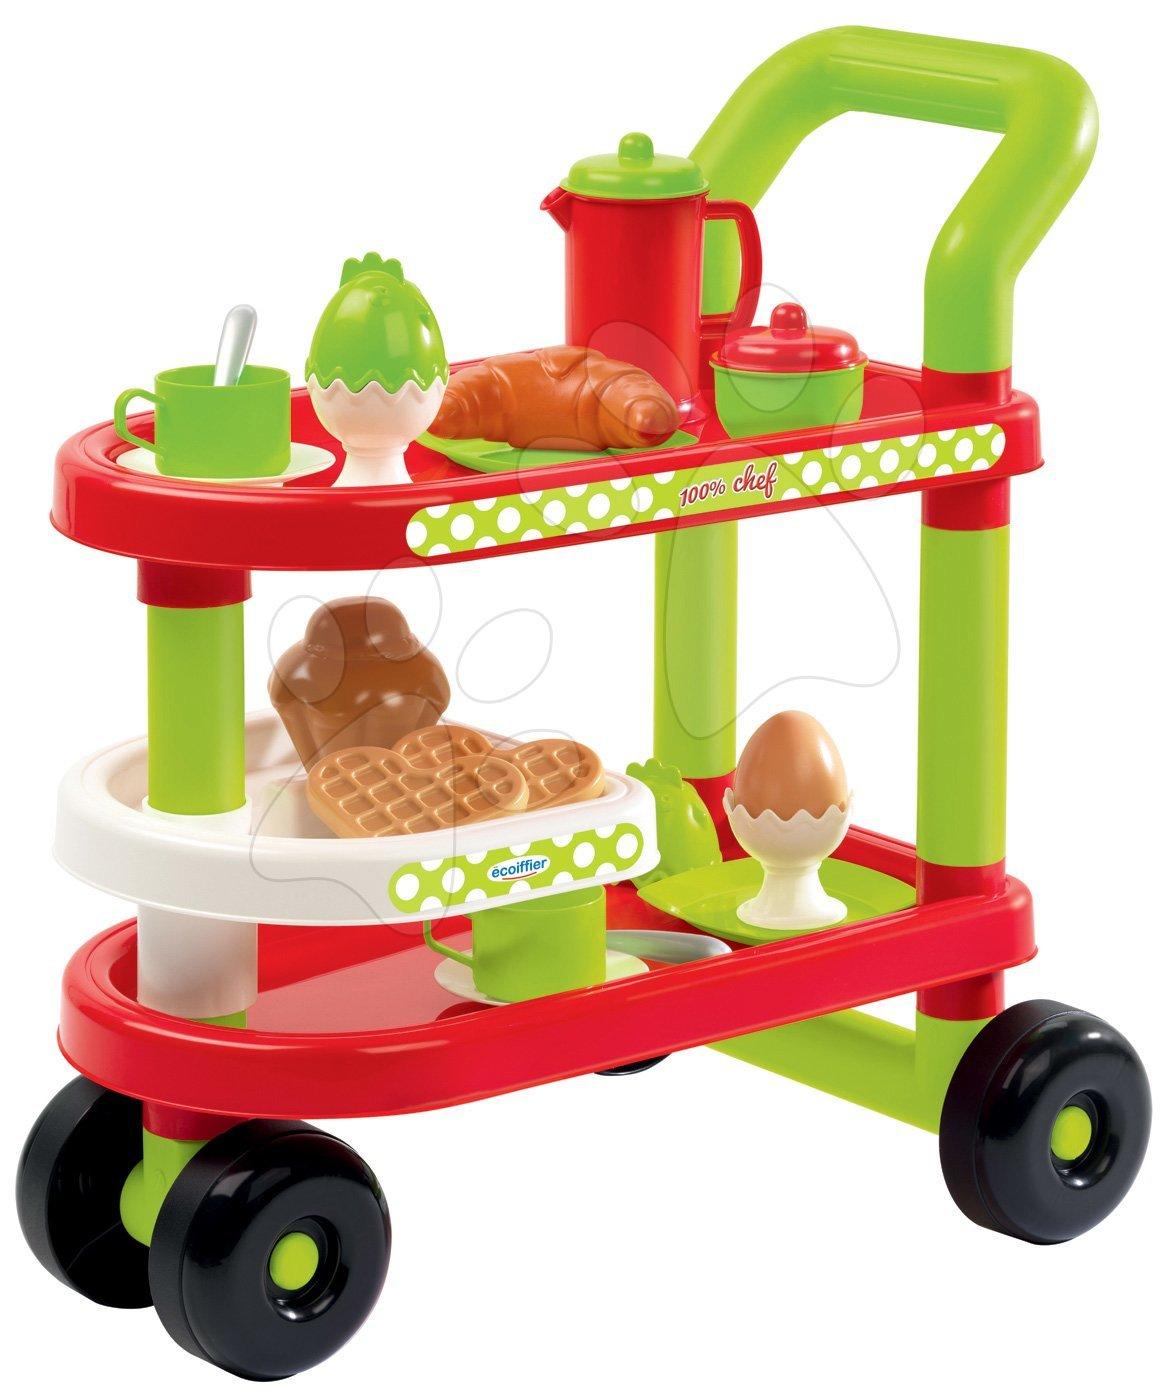 Servírovací vozík s raňajkami 100% Chef Écoiffier s croissantom a vajíčkom s 23 doplnkami